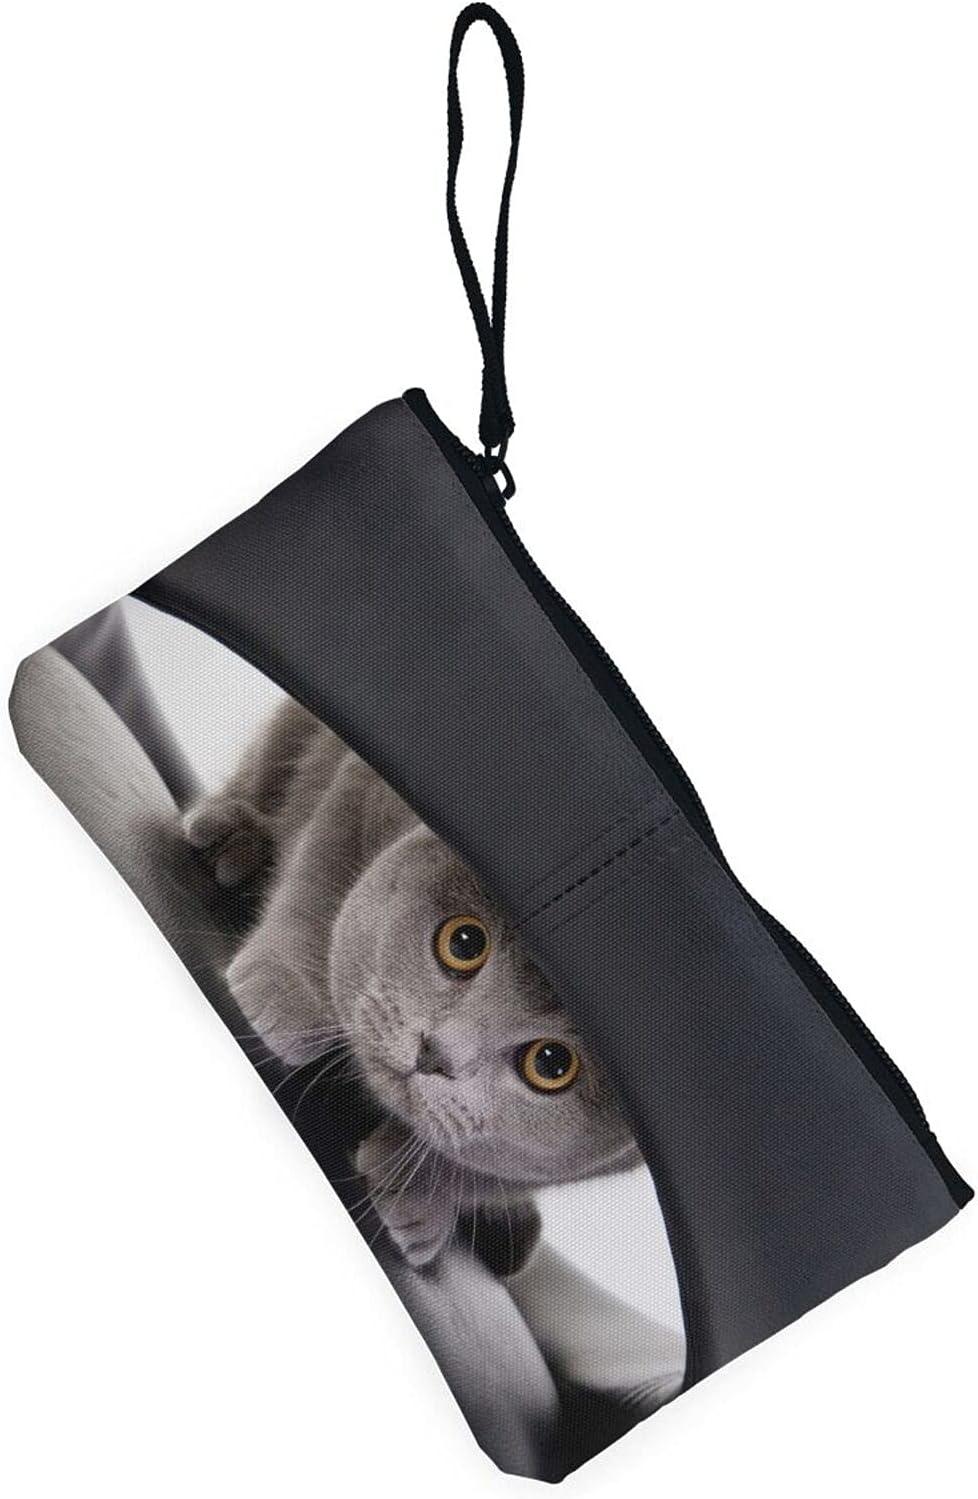 AORRUAM Cat pattern cute Canvas Coin Purse,Canvas Zipper Pencil Cases,Canvas Change Purse Pouch Mini Wallet Coin Bag